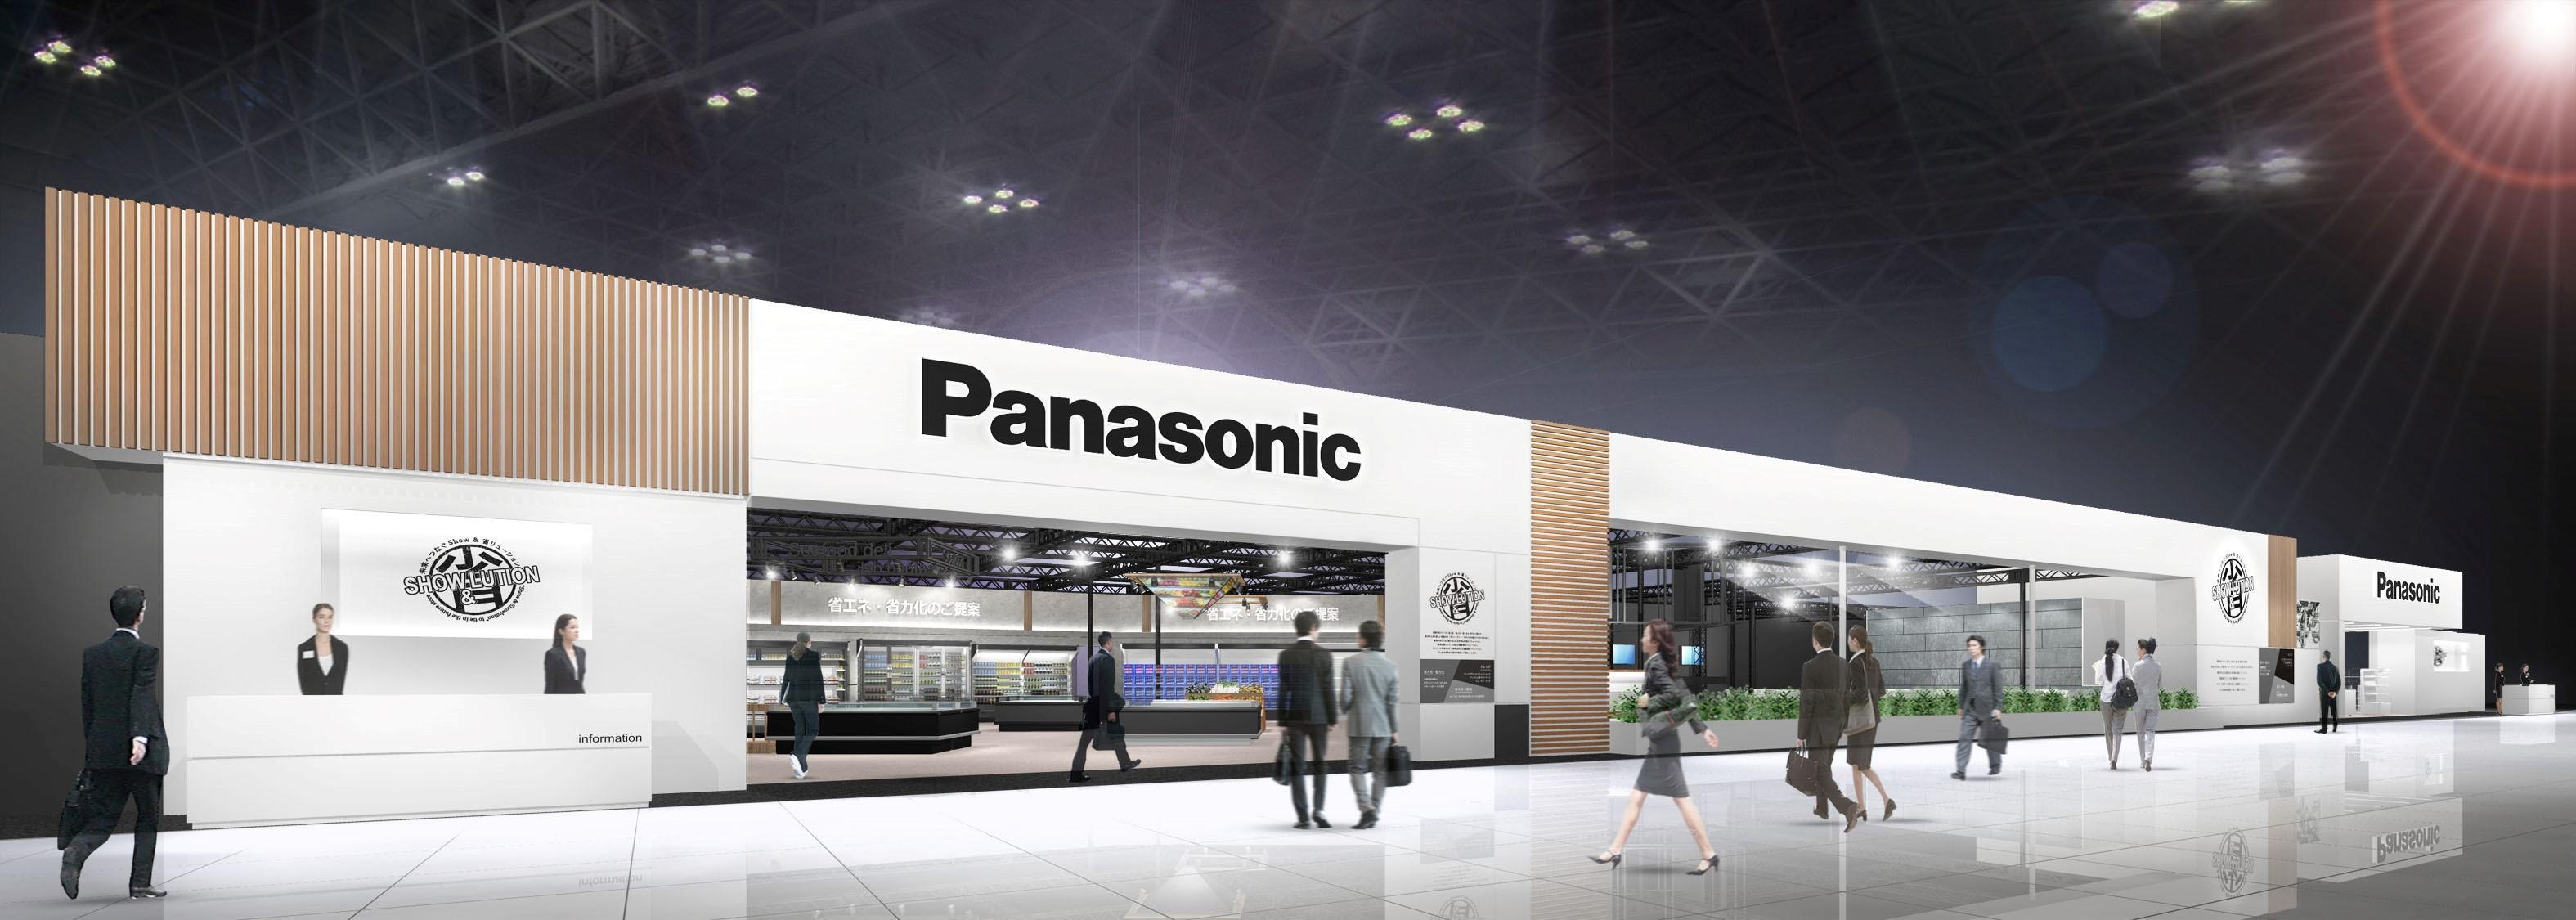 「第52回 スーパーマーケット・トレードショー2018」パナソニックブース(イメージ)